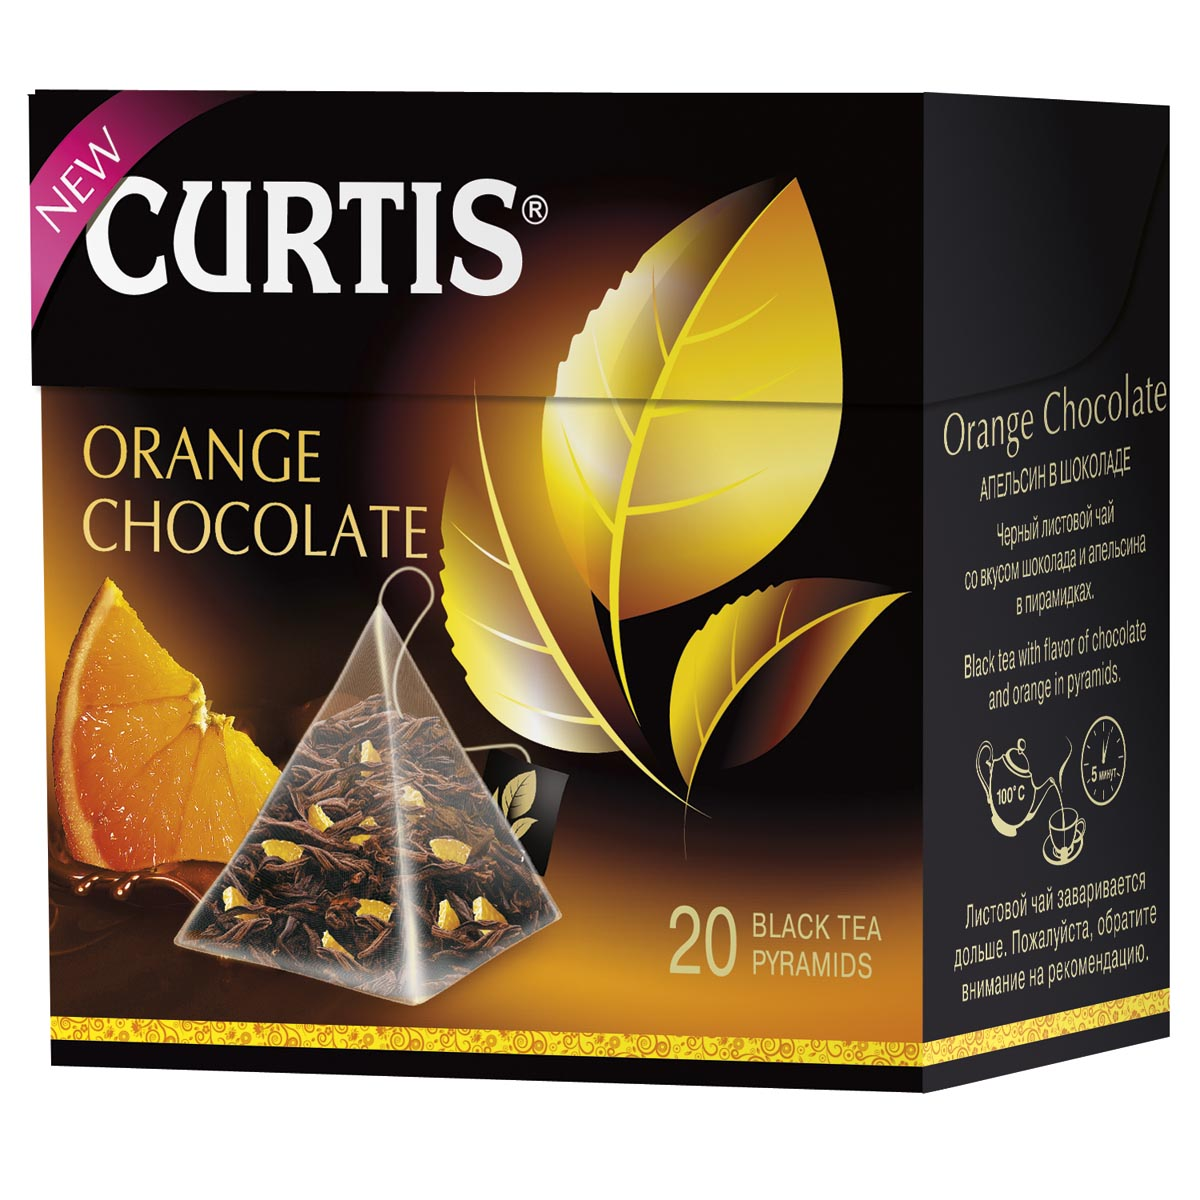 Curtis Orange Chocolate черный чай в пирамидках, 20 шт0120710Удивительный черный чай со вкусом романтичного темного шоколада и солнечного апельсина. В этой чашке цейлонского чая столько же страсти, сколько в короткой любовной записке. Насладитесь обновленным купажом черного листового чая.